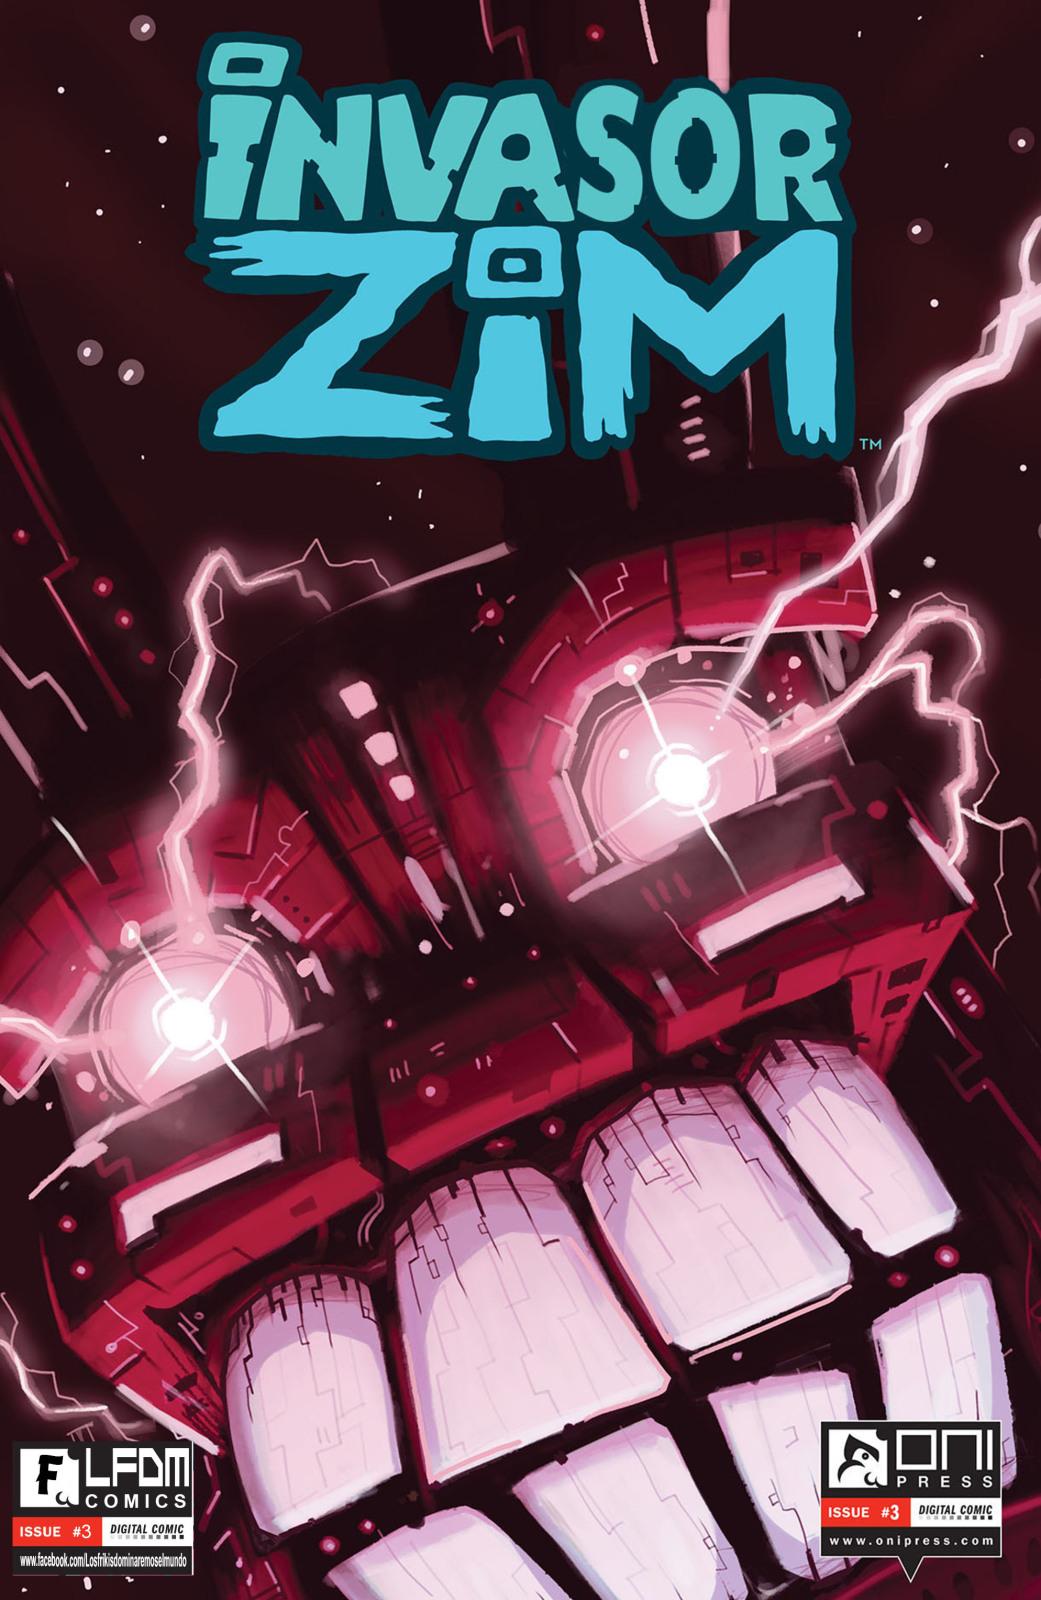 Invasor ZIm comics en español desde el #2 al #4 2v93qxu